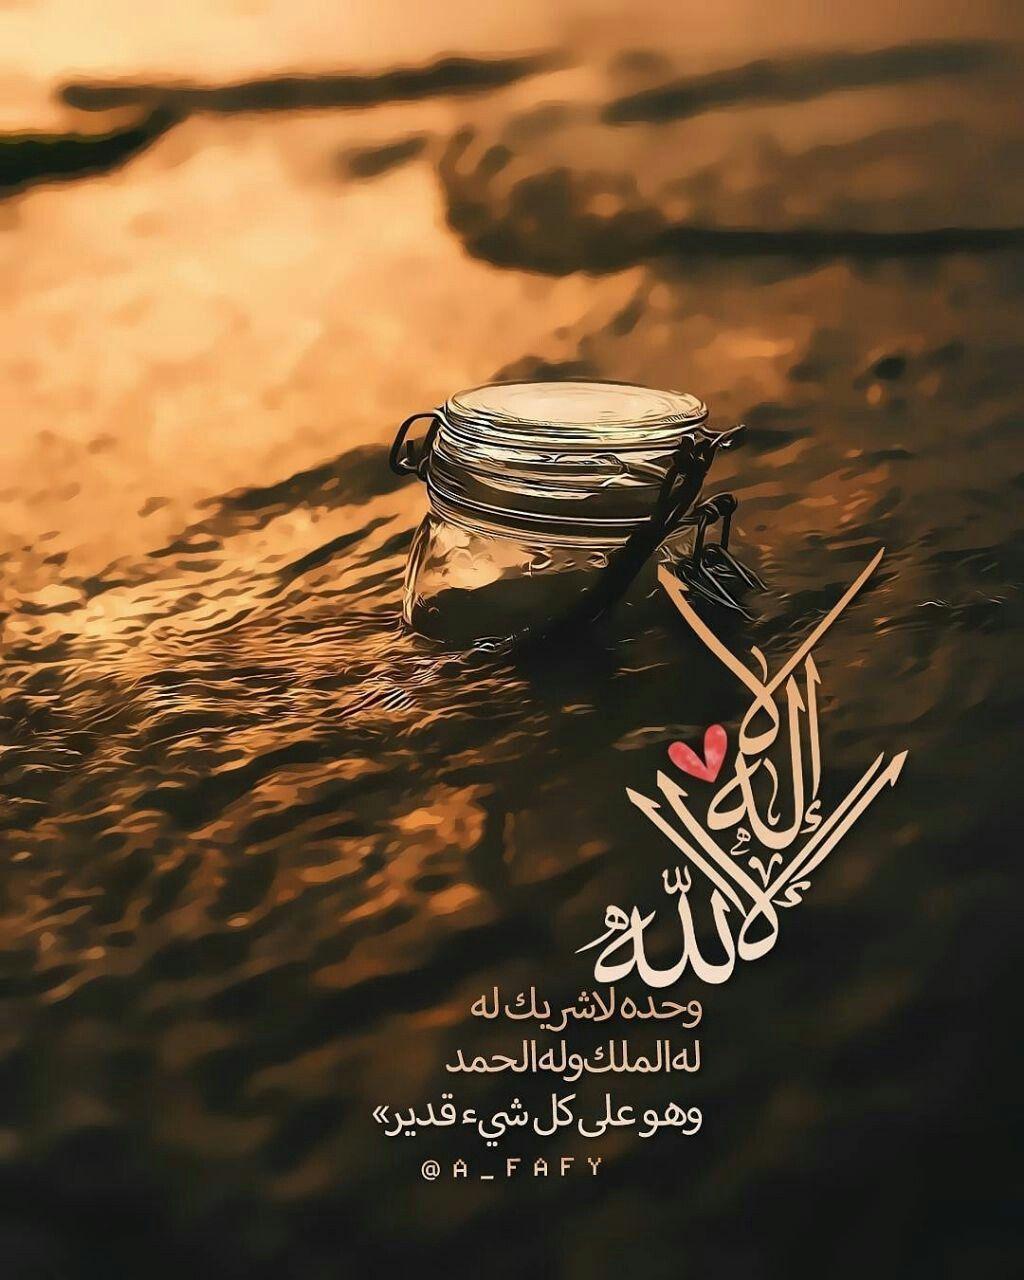 لا اله الا الله وحده لا شريك له له الملك وله الحمد وهو على كل شيء قدير Islam Real Love Allah